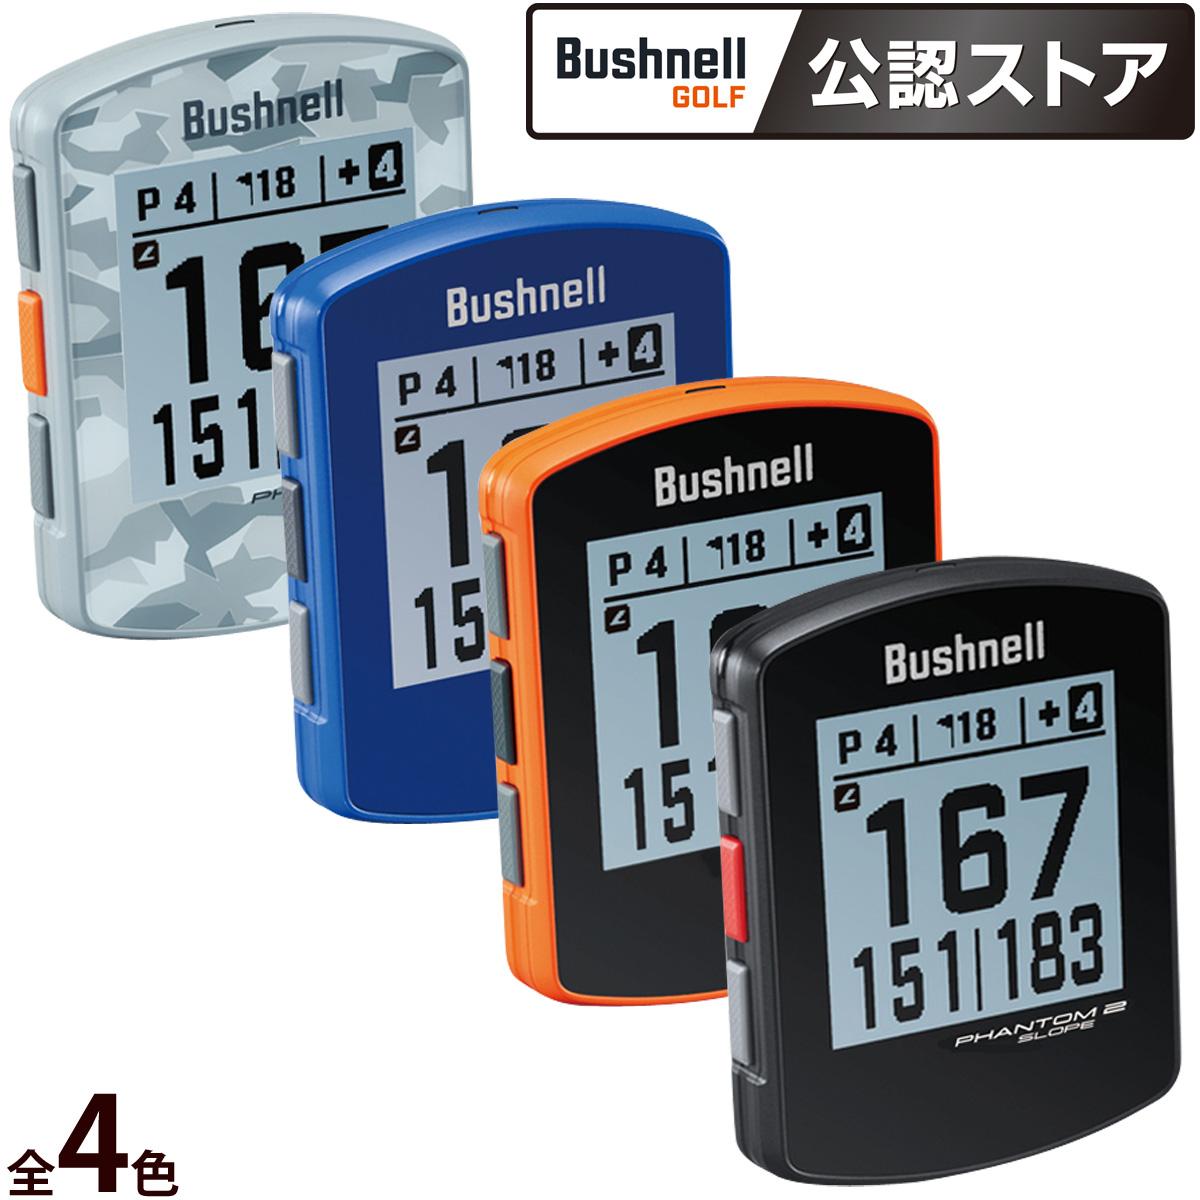 携帯型レーザー距離測定器 ライトスピード プライム1300 PRIME1300 ブッシュネル レーザー測定器 コンパクト 距離計 建築 土木 災害